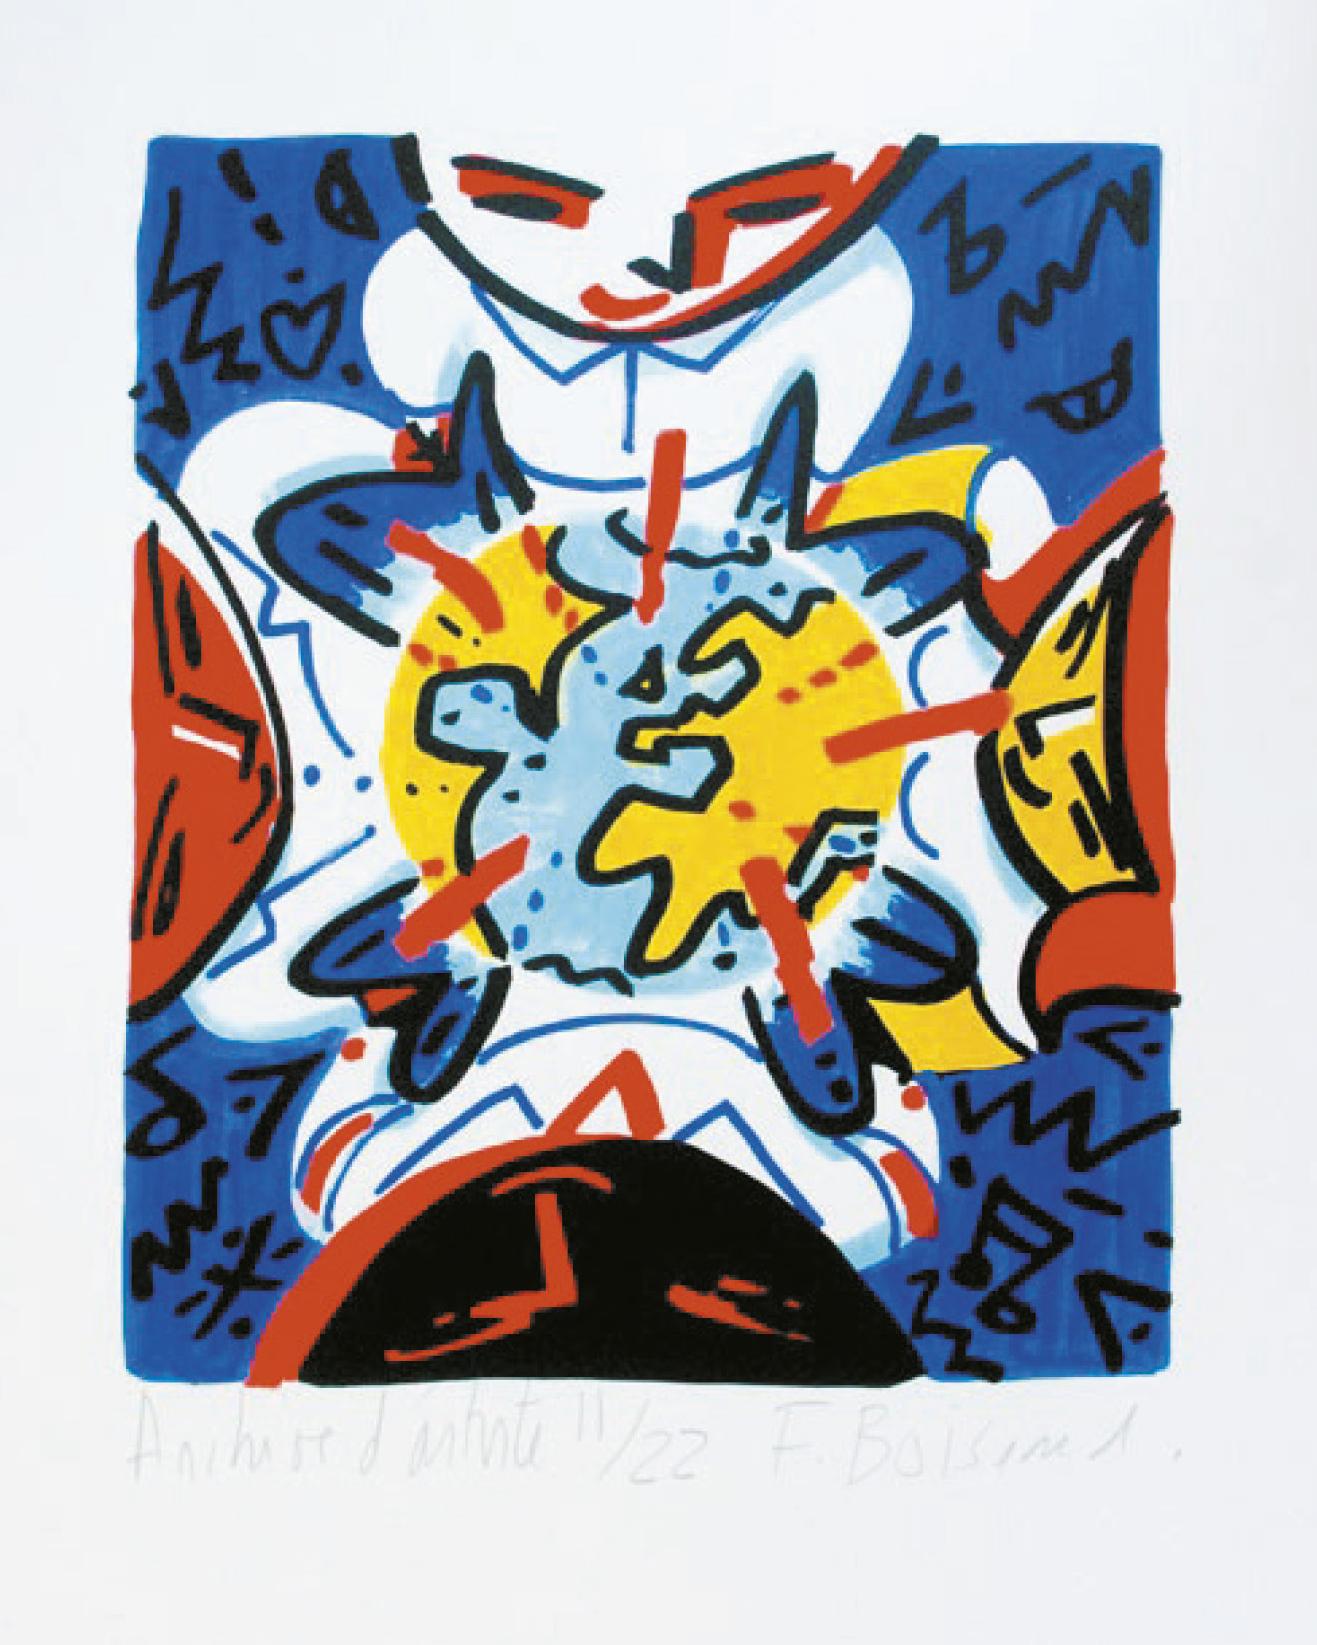 Lot 75 - Boisrond François (1959) Untitled, 2005 - 50 x 40 cm - Serigraph N° 11/22 - Signed [...]